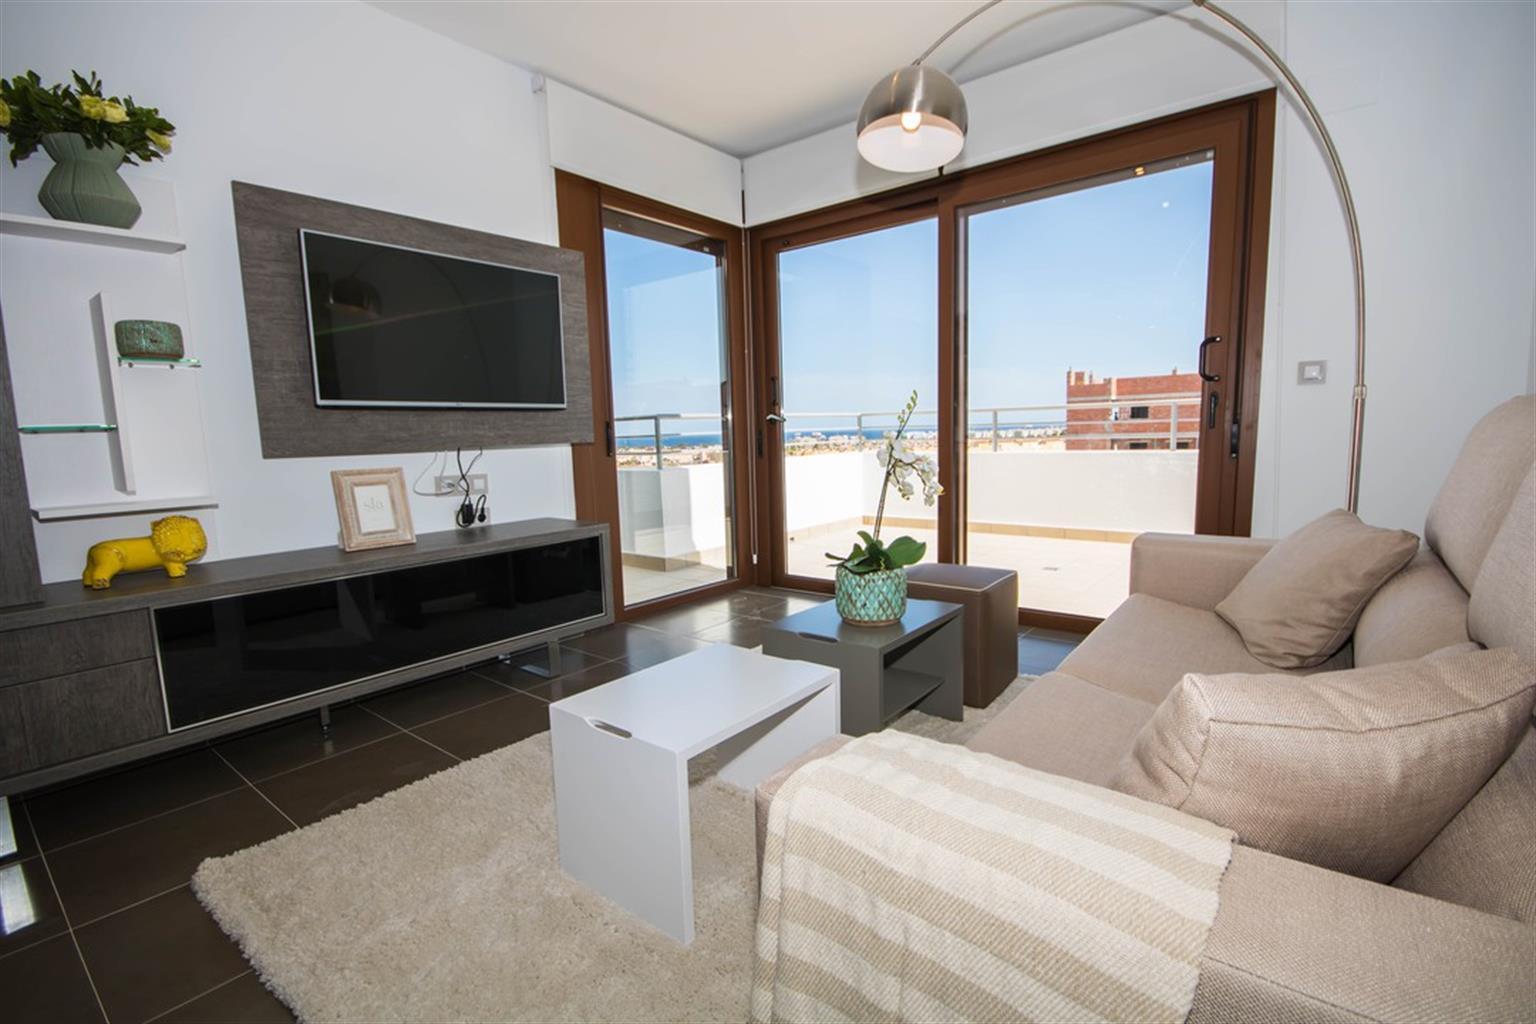 Appartement - Orihuela Costa - #4228409-12